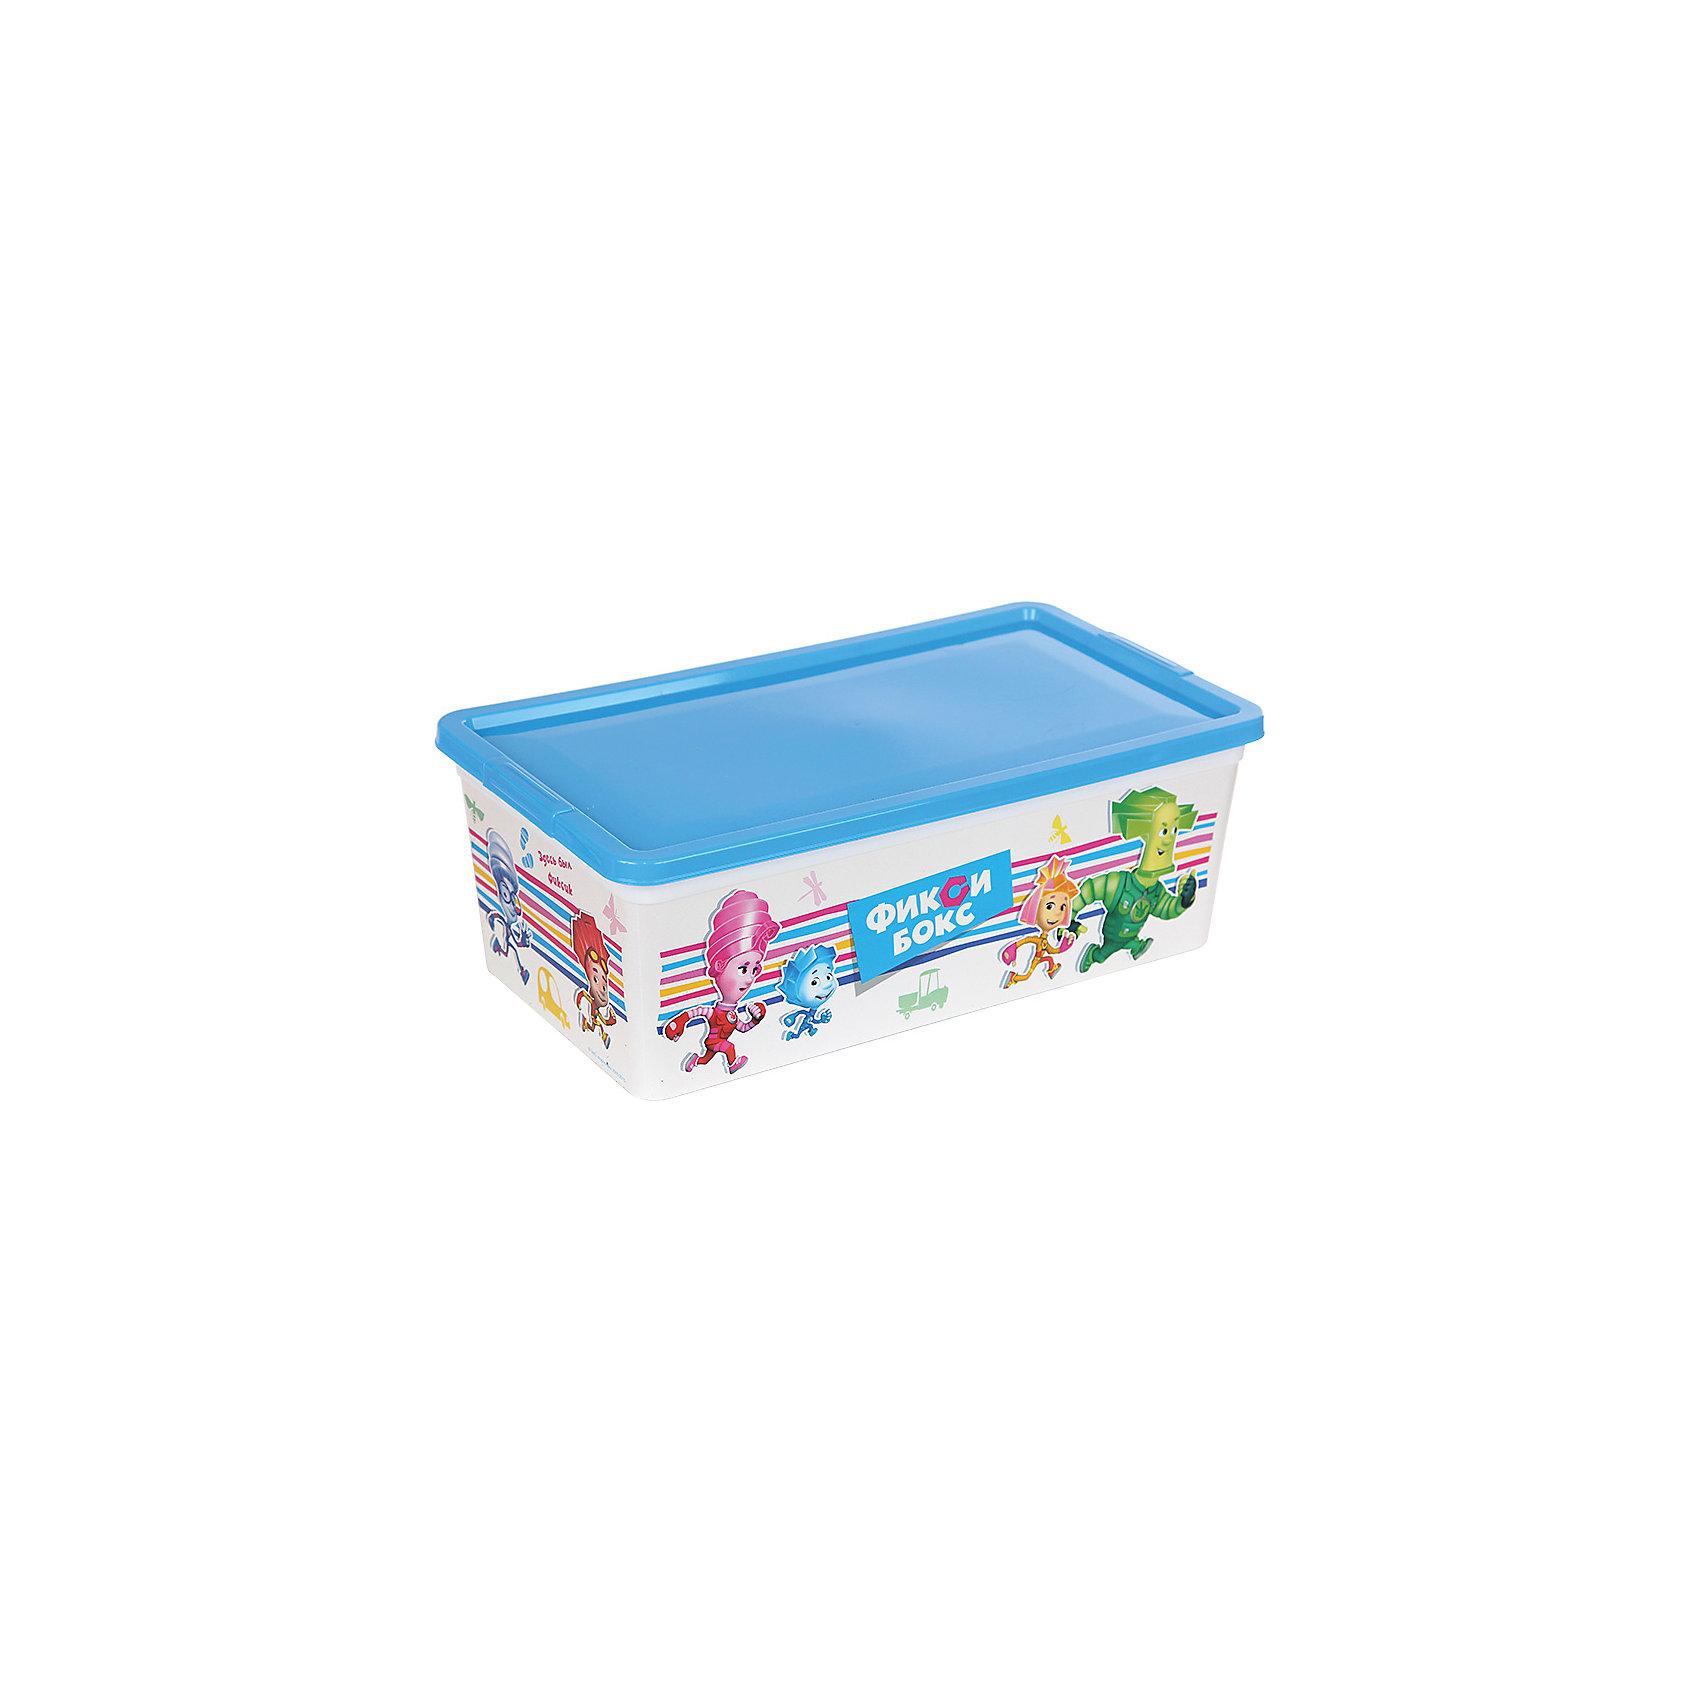 Коробка для мелочей Фиксики, бело-голубая, 5,5 литровКоробка для мелочей Фиксики выполнена из высококачественного прочного пластика безопасного для детей. Контейнер с изображениями любимых героев отлично впишется в интерьер детской и порадует ребенка. Коробка имеет крышку, которая легко и при этом очень надежно и плотно закрывается, позволяя сохранить все мелочи и игрушки в одном месте. <br><br>Дополнительная информация:<br><br>- Материал: пластик.<br>- Размер: 34х19х12 см.<br><br>Коробку для мелочей Фиксики, бело-голубую, 5,5 литров, можно купить в нашем магазине.<br><br>Ширина мм: 340<br>Глубина мм: 190<br>Высота мм: 120<br>Вес г: 150<br>Возраст от месяцев: 12<br>Возраст до месяцев: 120<br>Пол: Унисекс<br>Возраст: Детский<br>SKU: 4718430